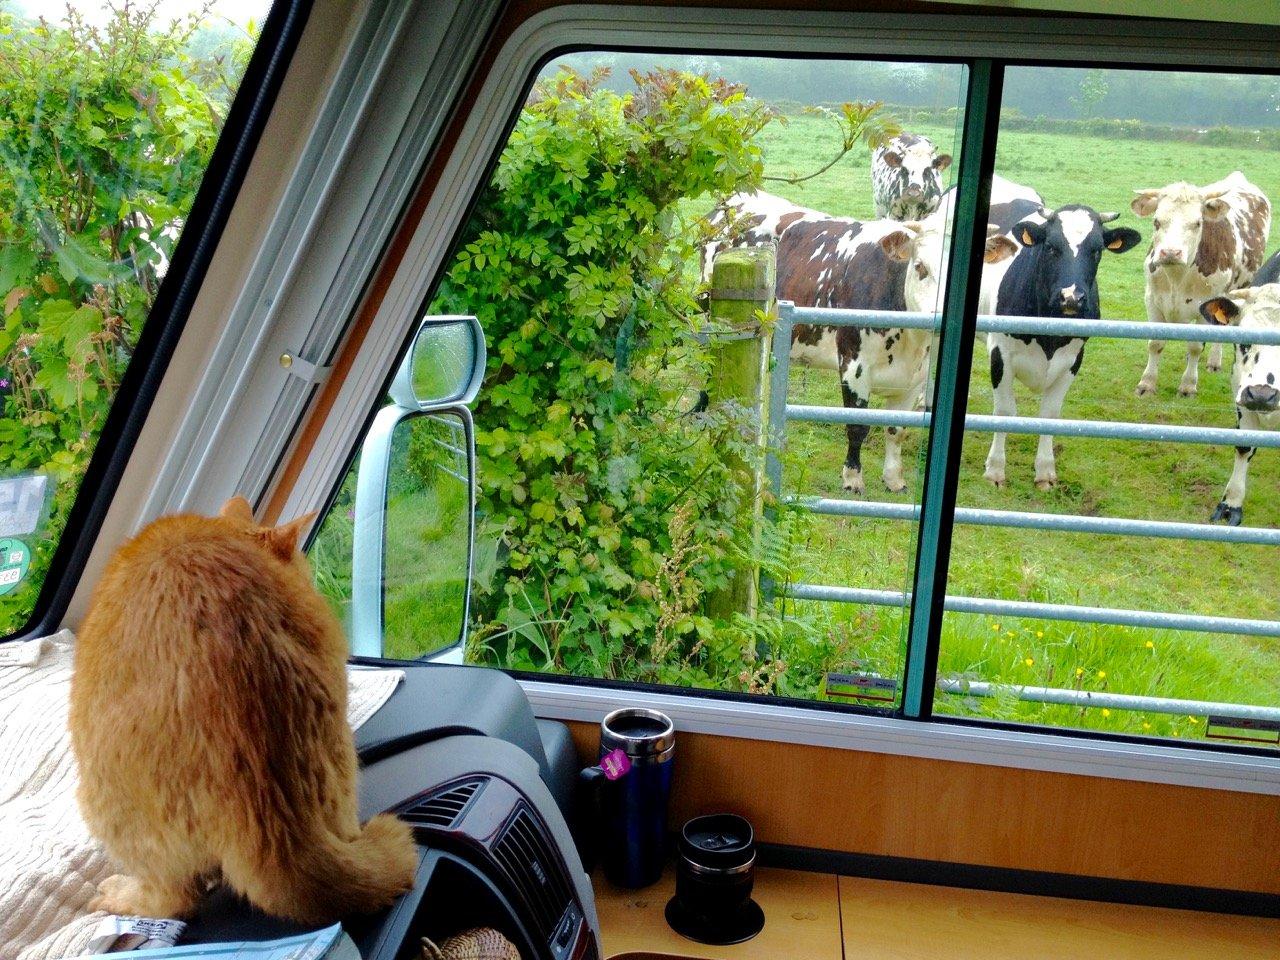 Cows are evil!